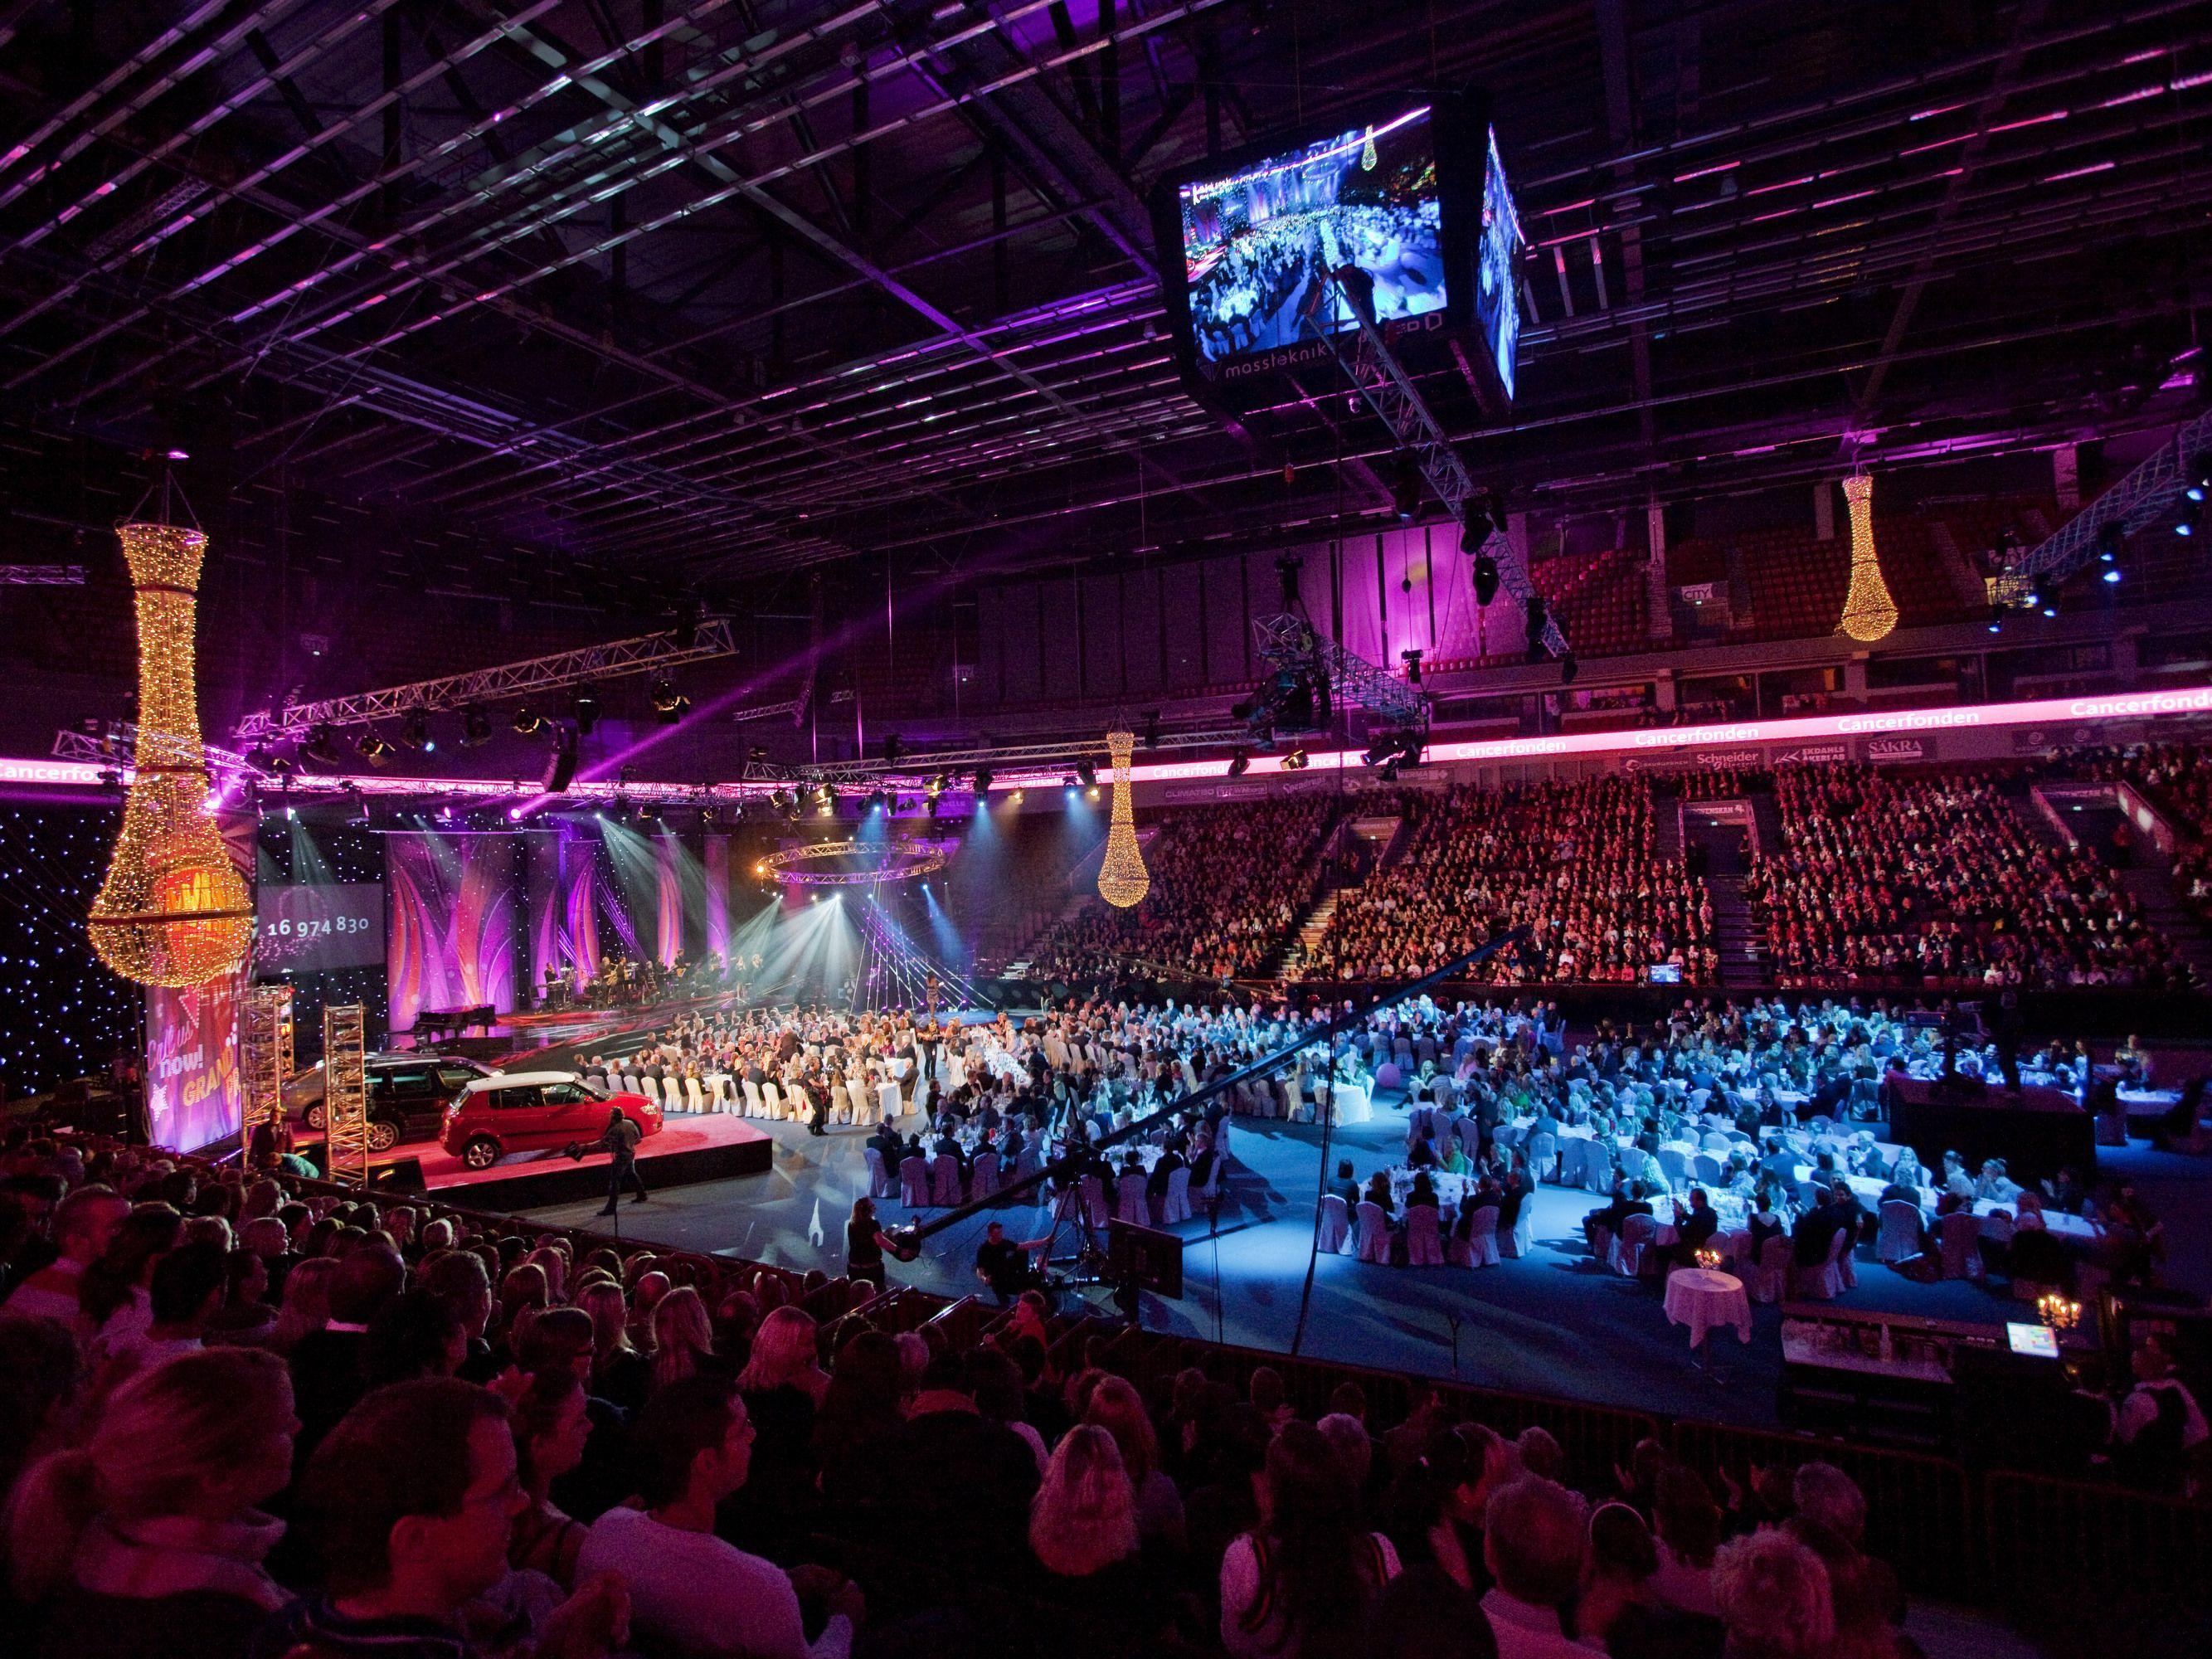 malmö arena event